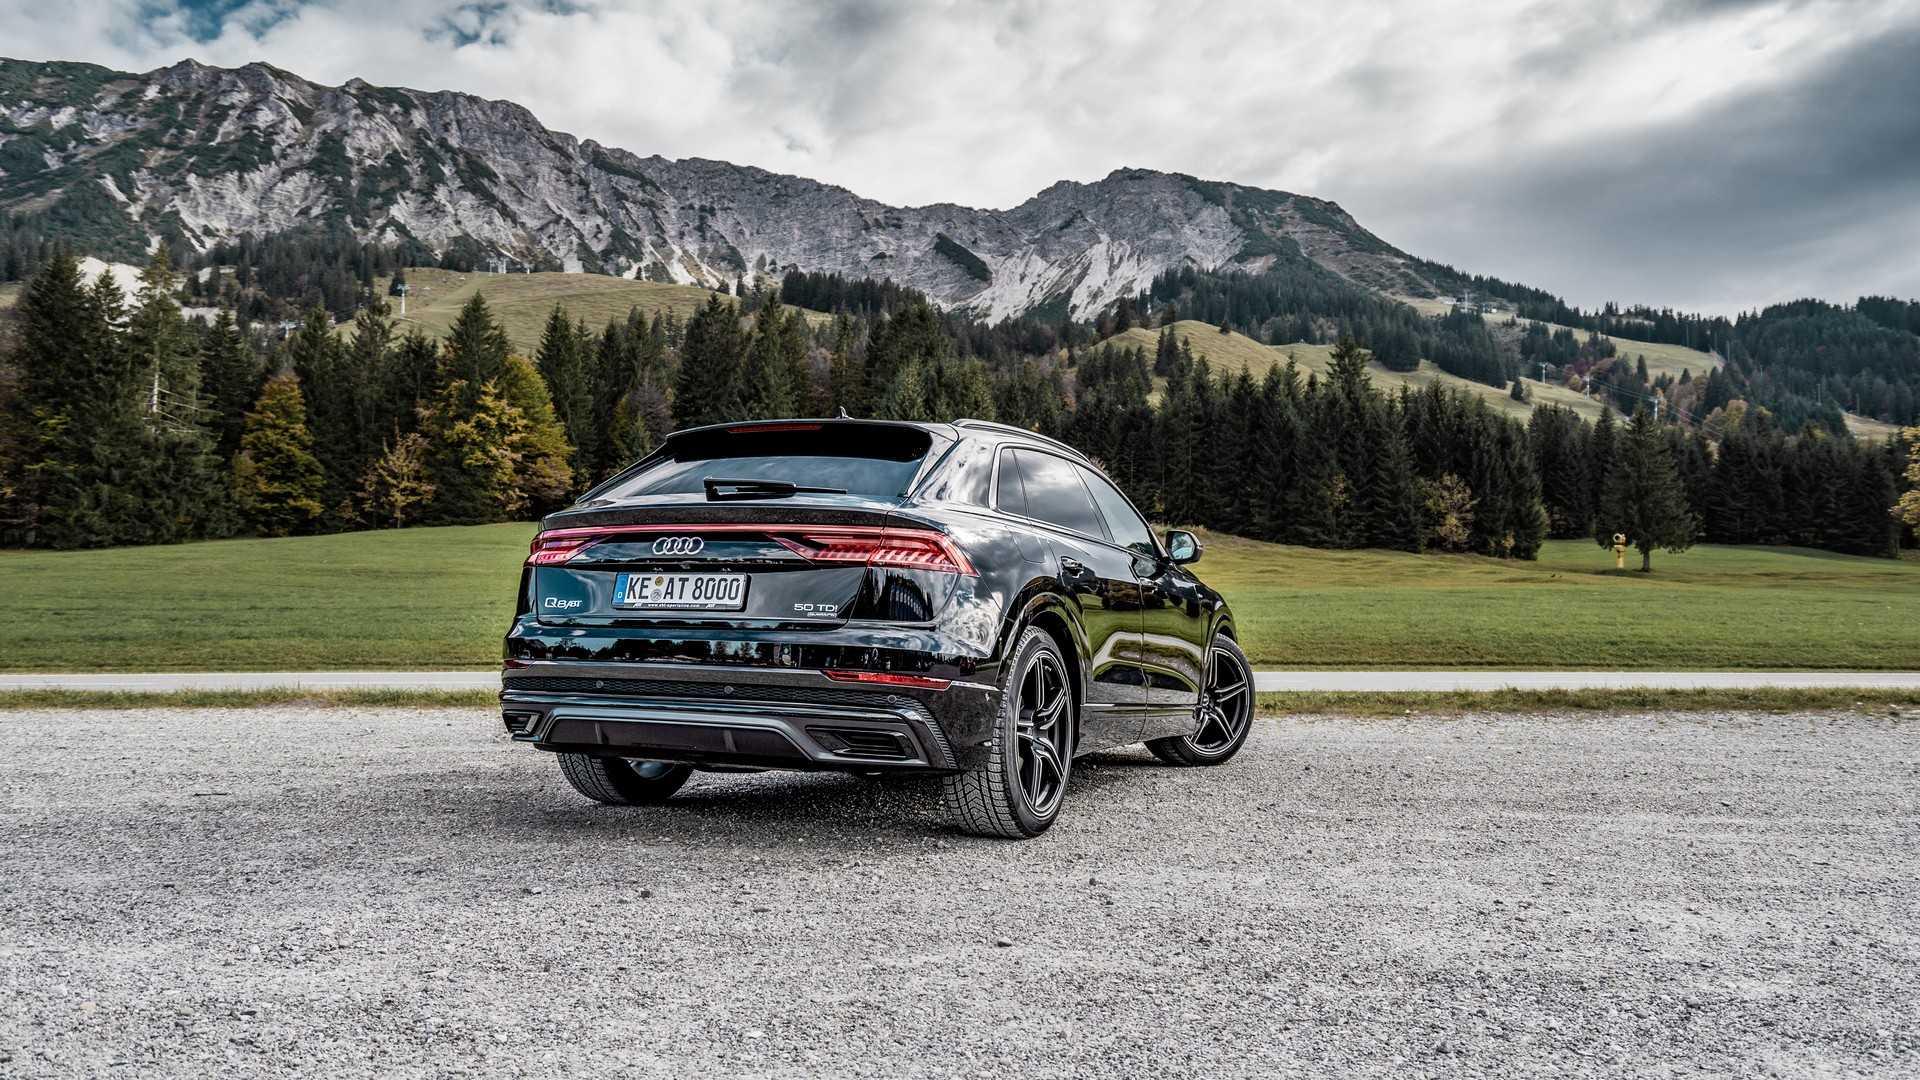 Wallpaper : Audi Q8 2019, abt audi q8, landscape, car, mountains